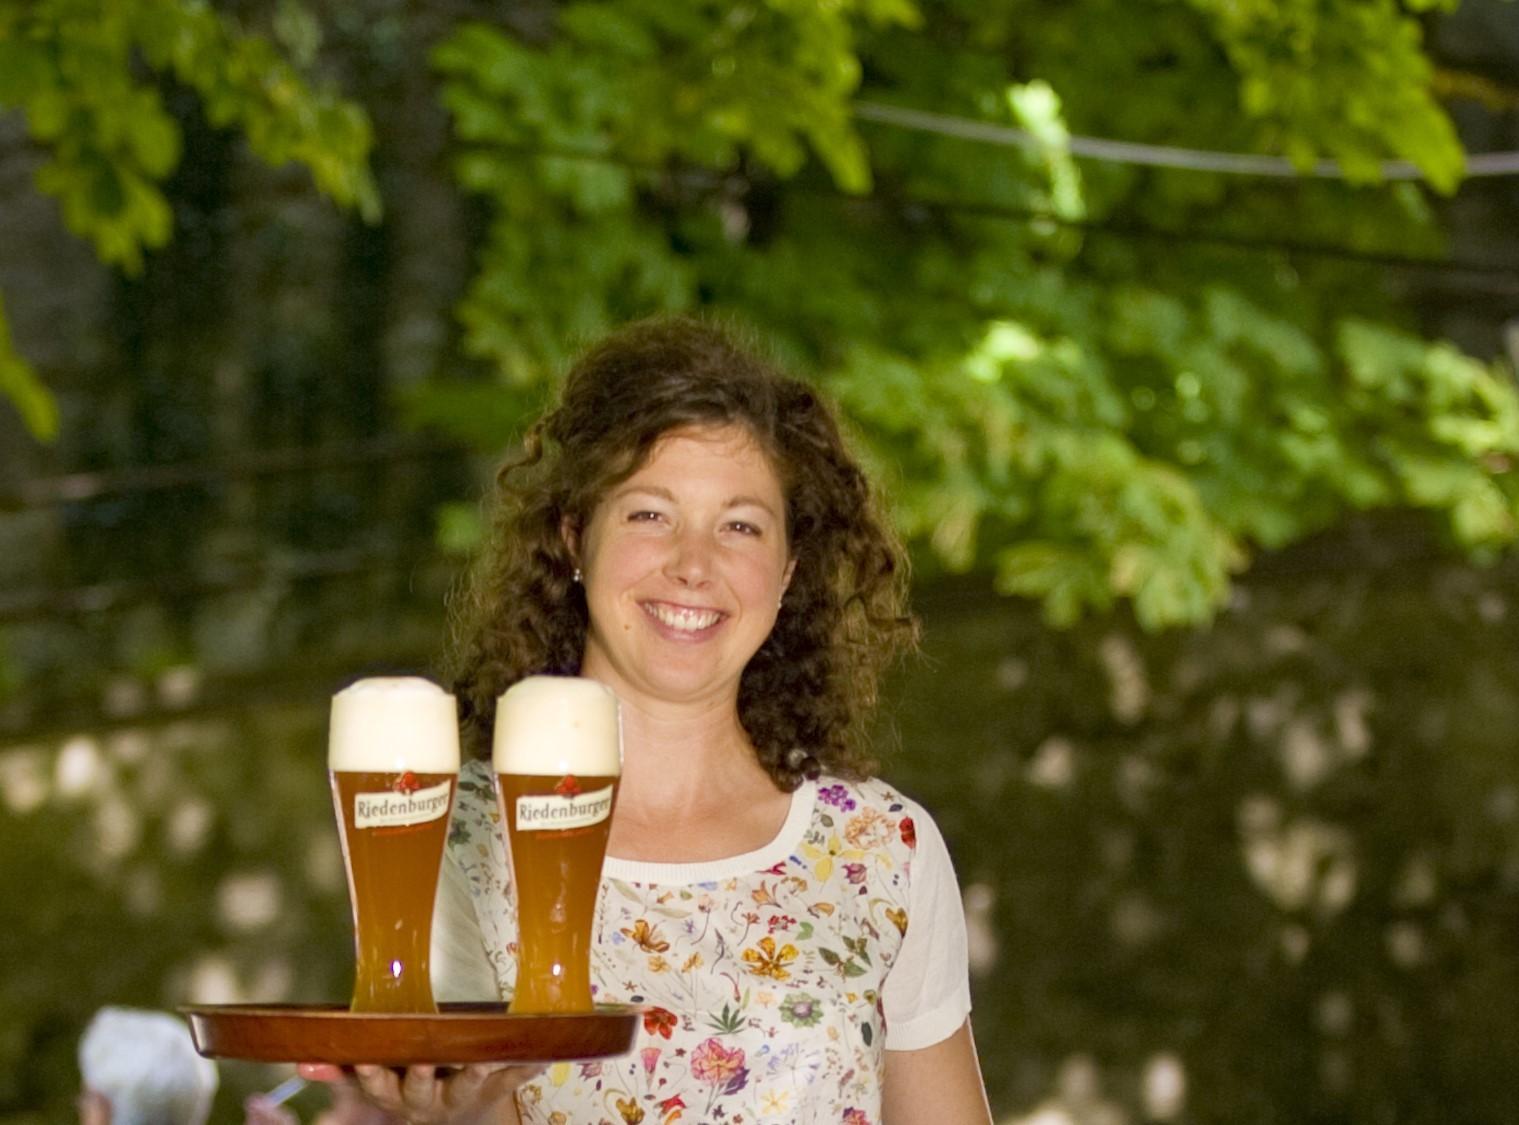 Frisch gezapftes Bier im Biergarten des Riedenburger Brauhauses